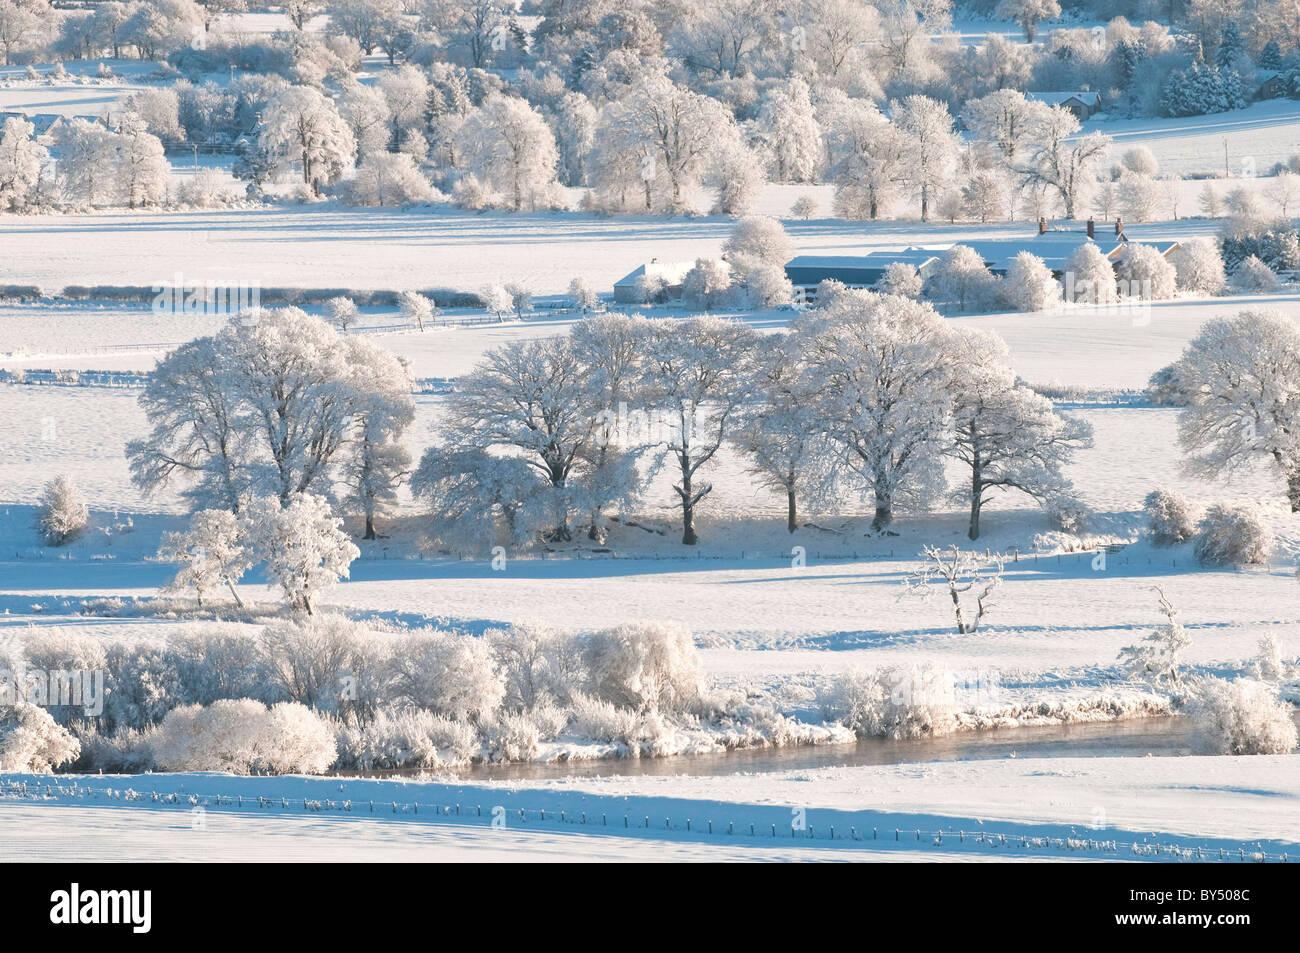 La neige a couvert l'Ecosse Banque D'Images